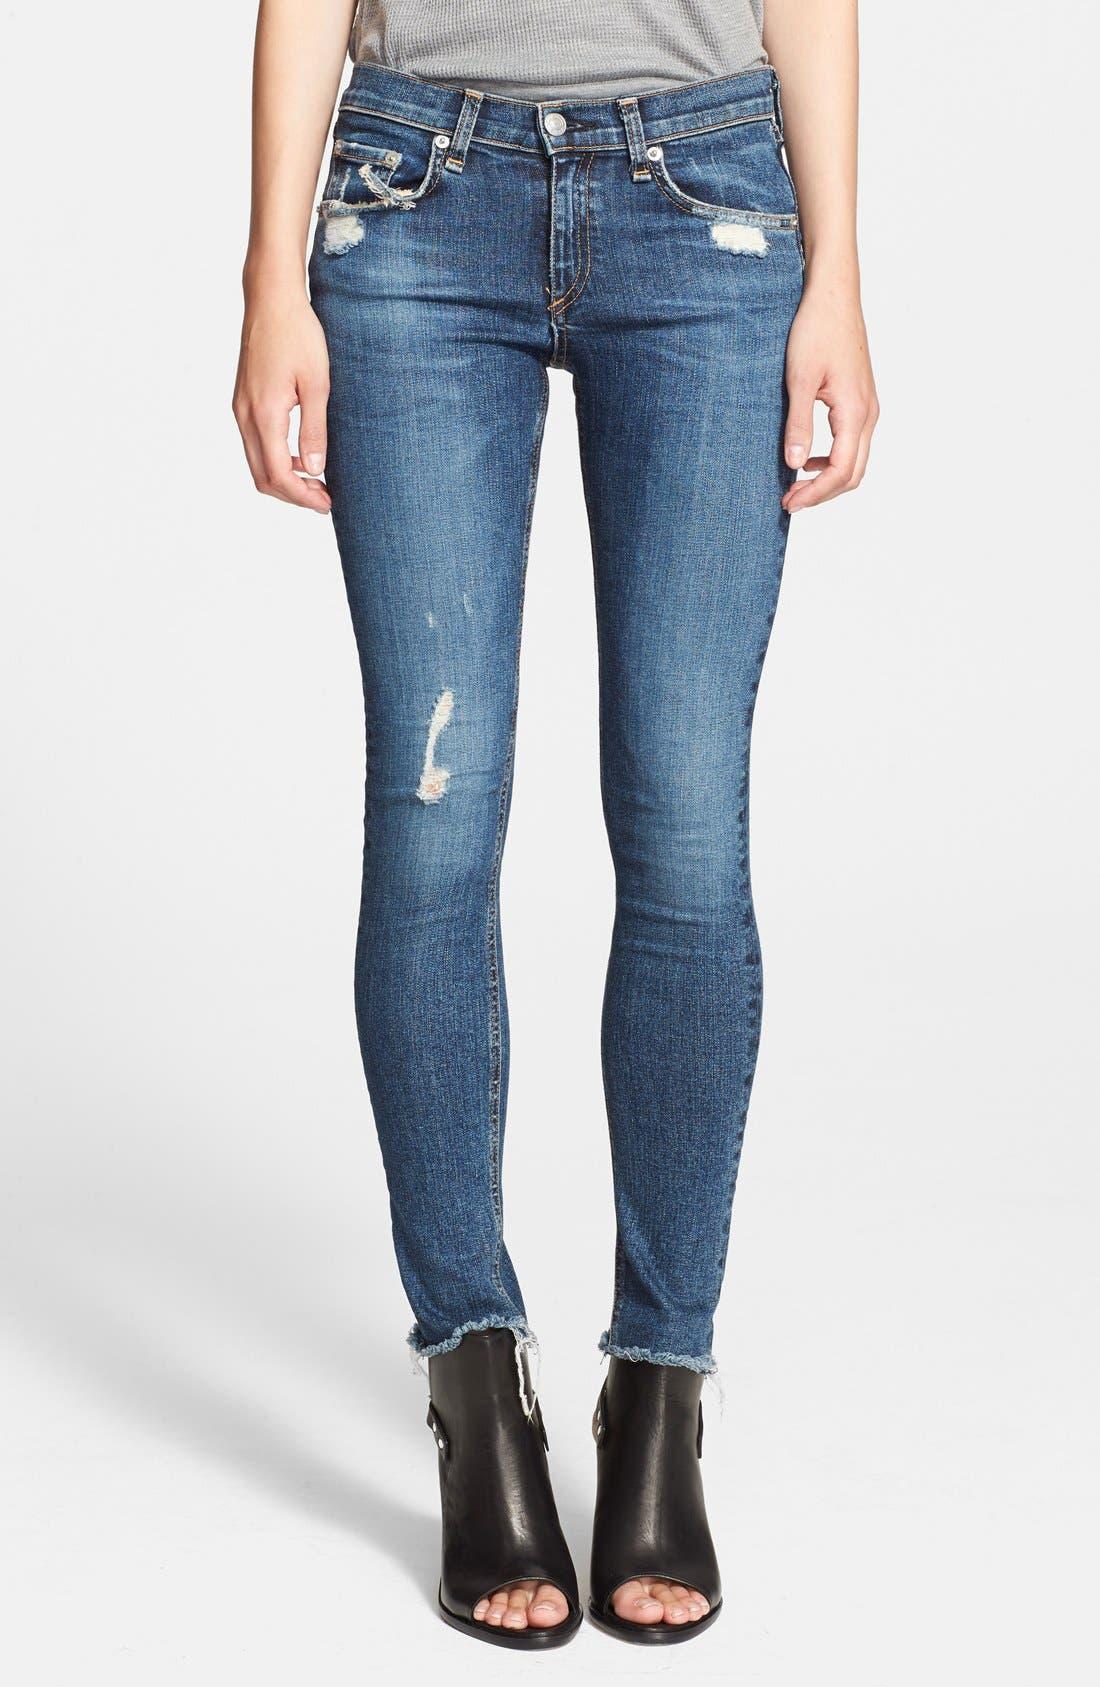 Alternate Image 1 Selected - rag & bone/JEAN 'The Skinny' Stretch Jeans (La Paz)